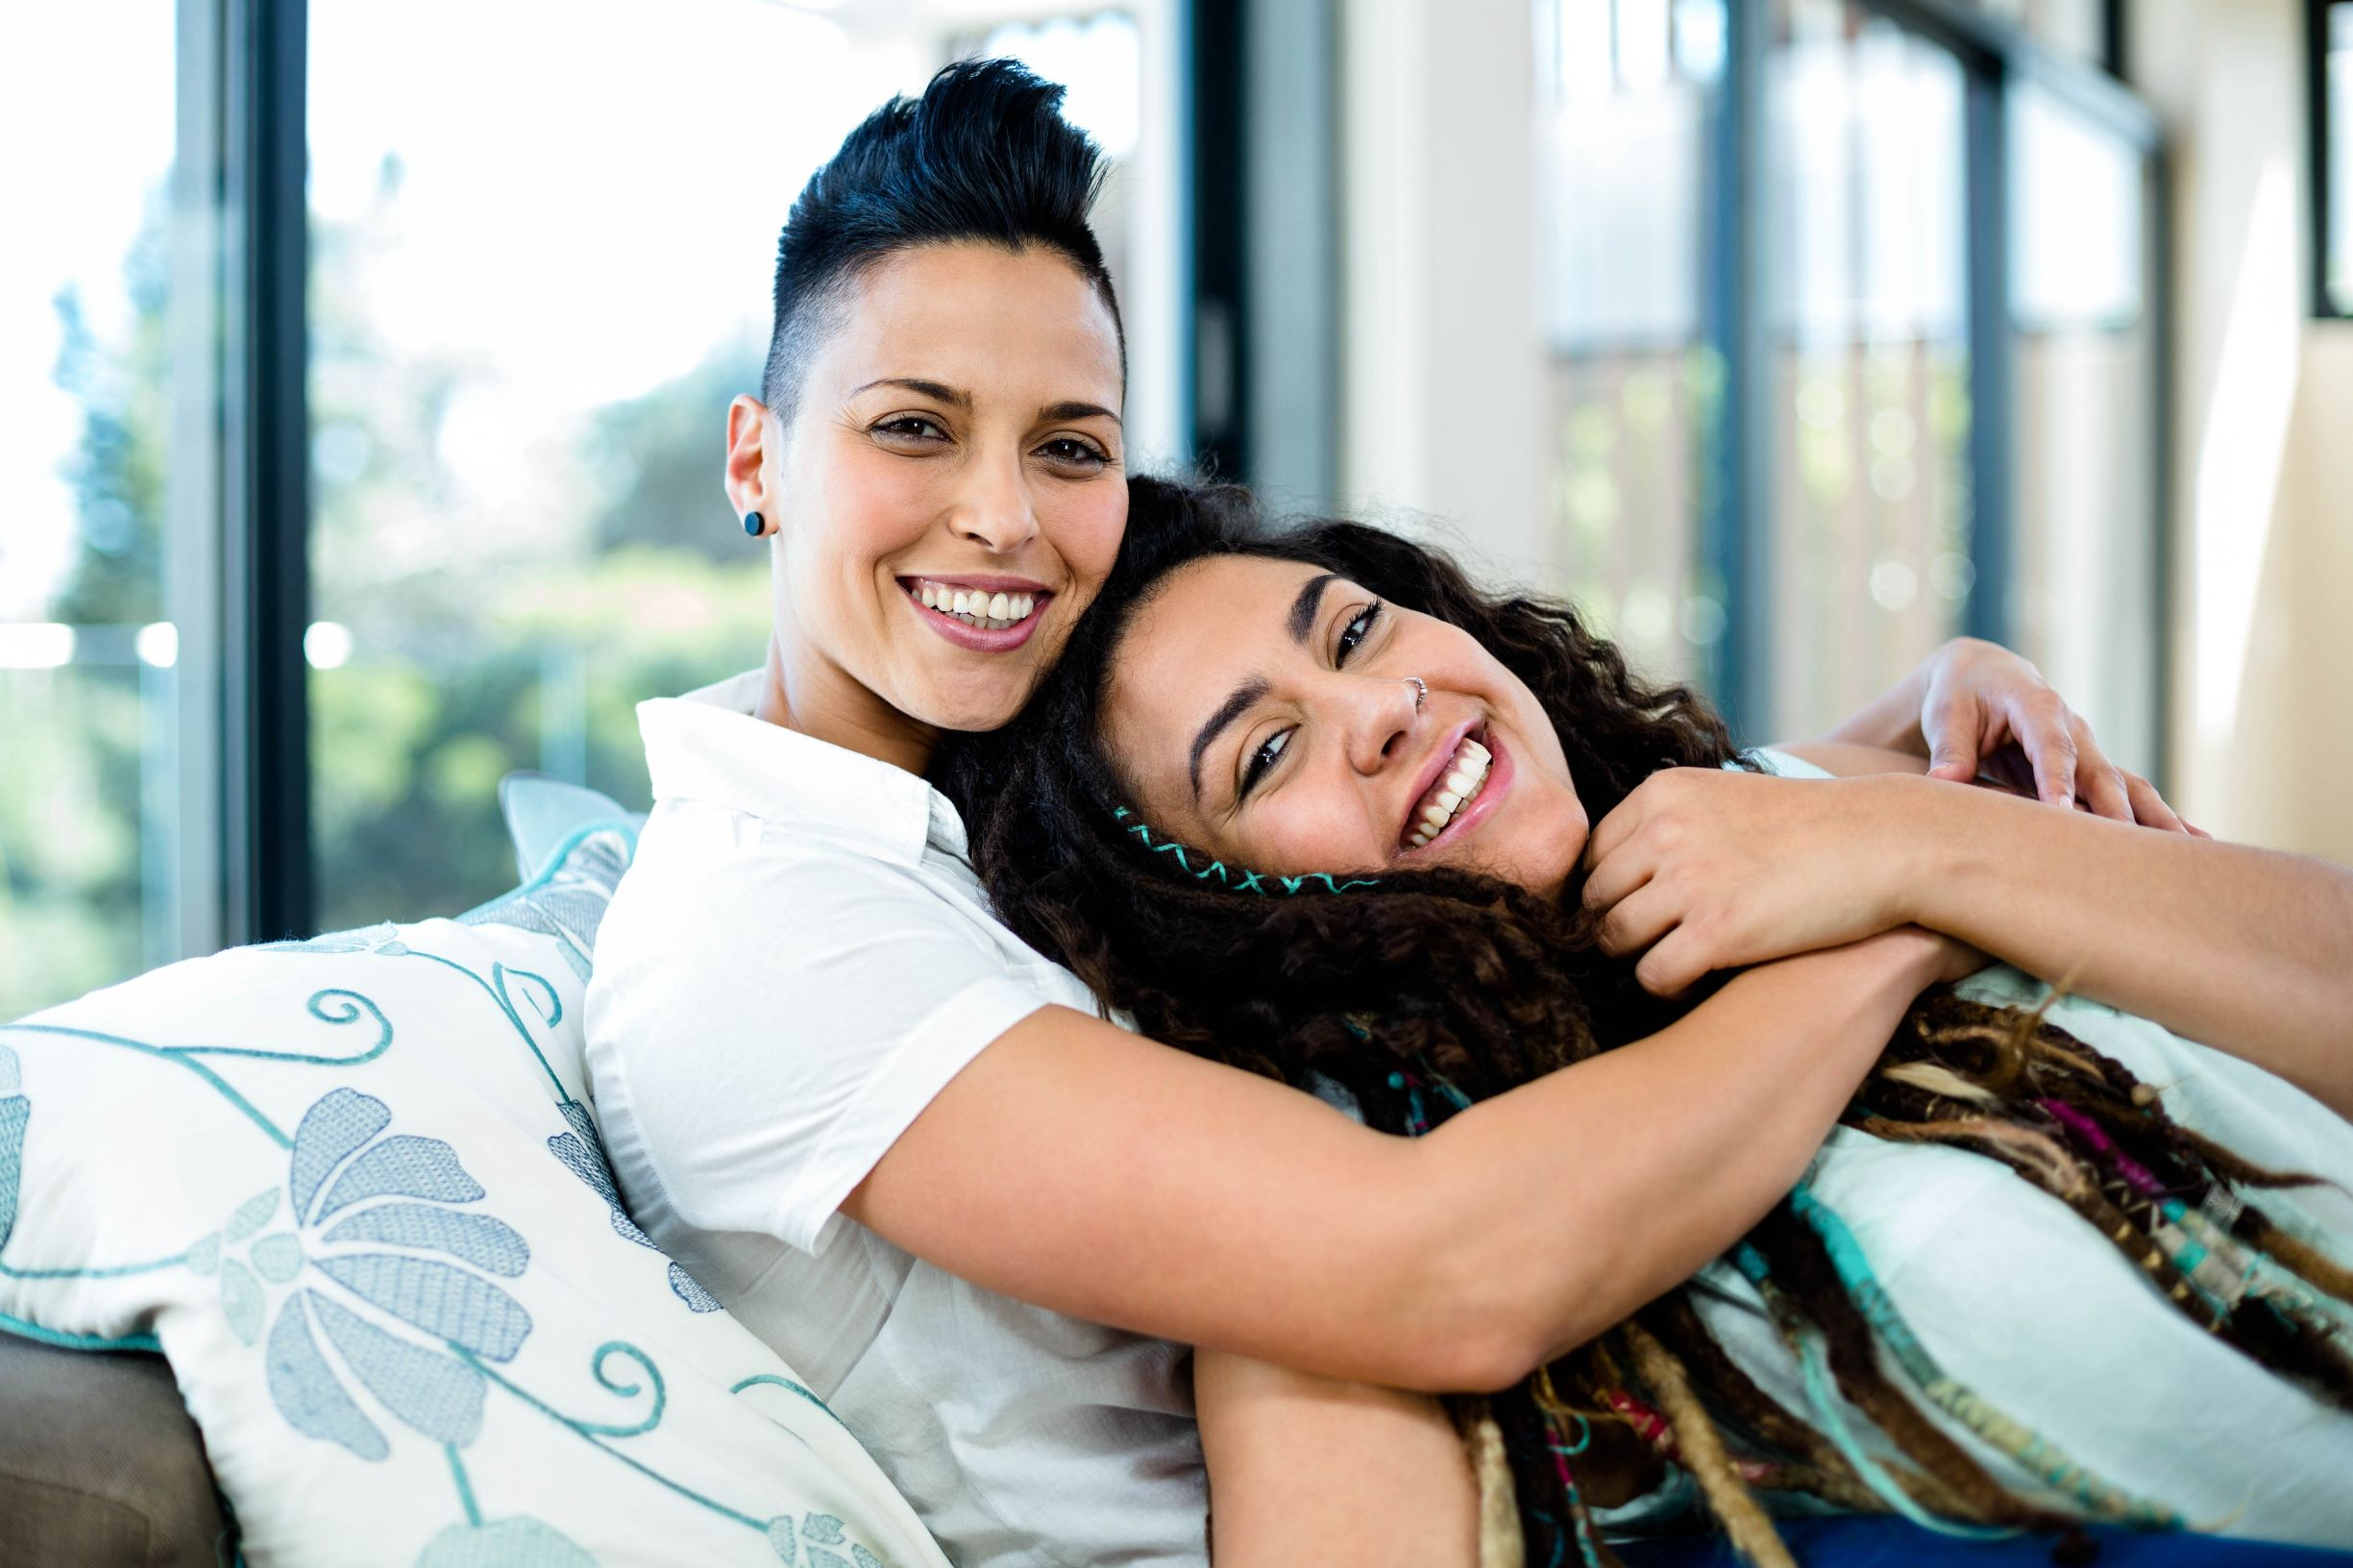 two women923 a